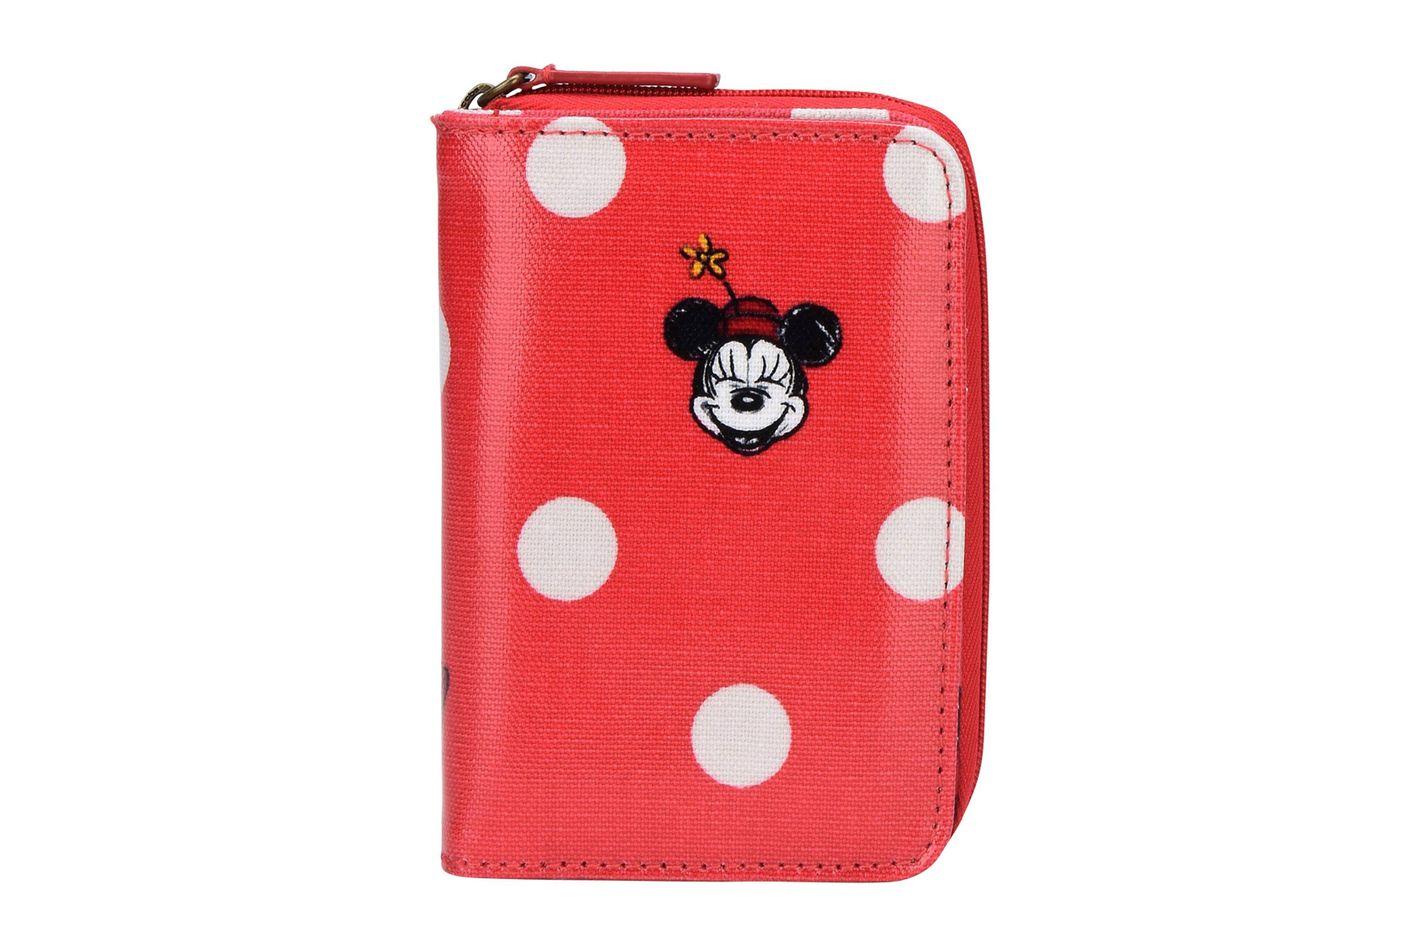 Cath Kidston x Disney Wallet